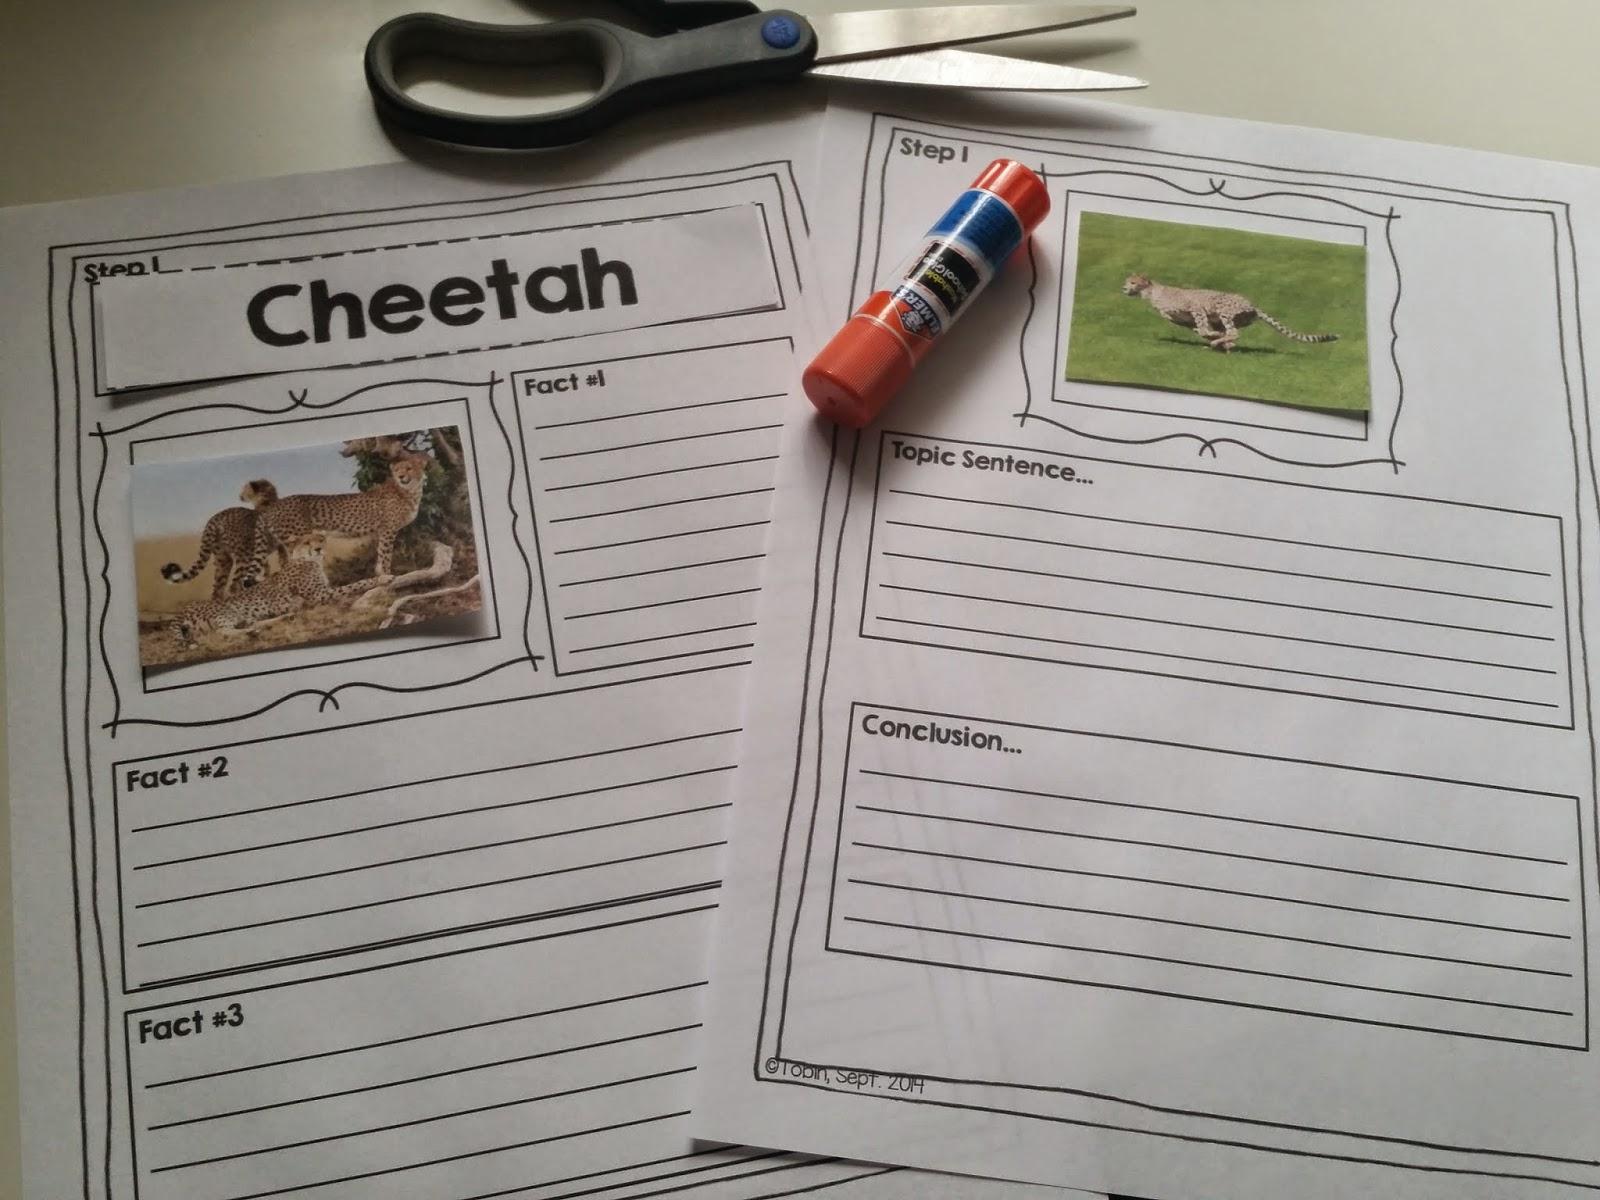 Interactive essay plan Homework Example - June 2019 - 1106 words